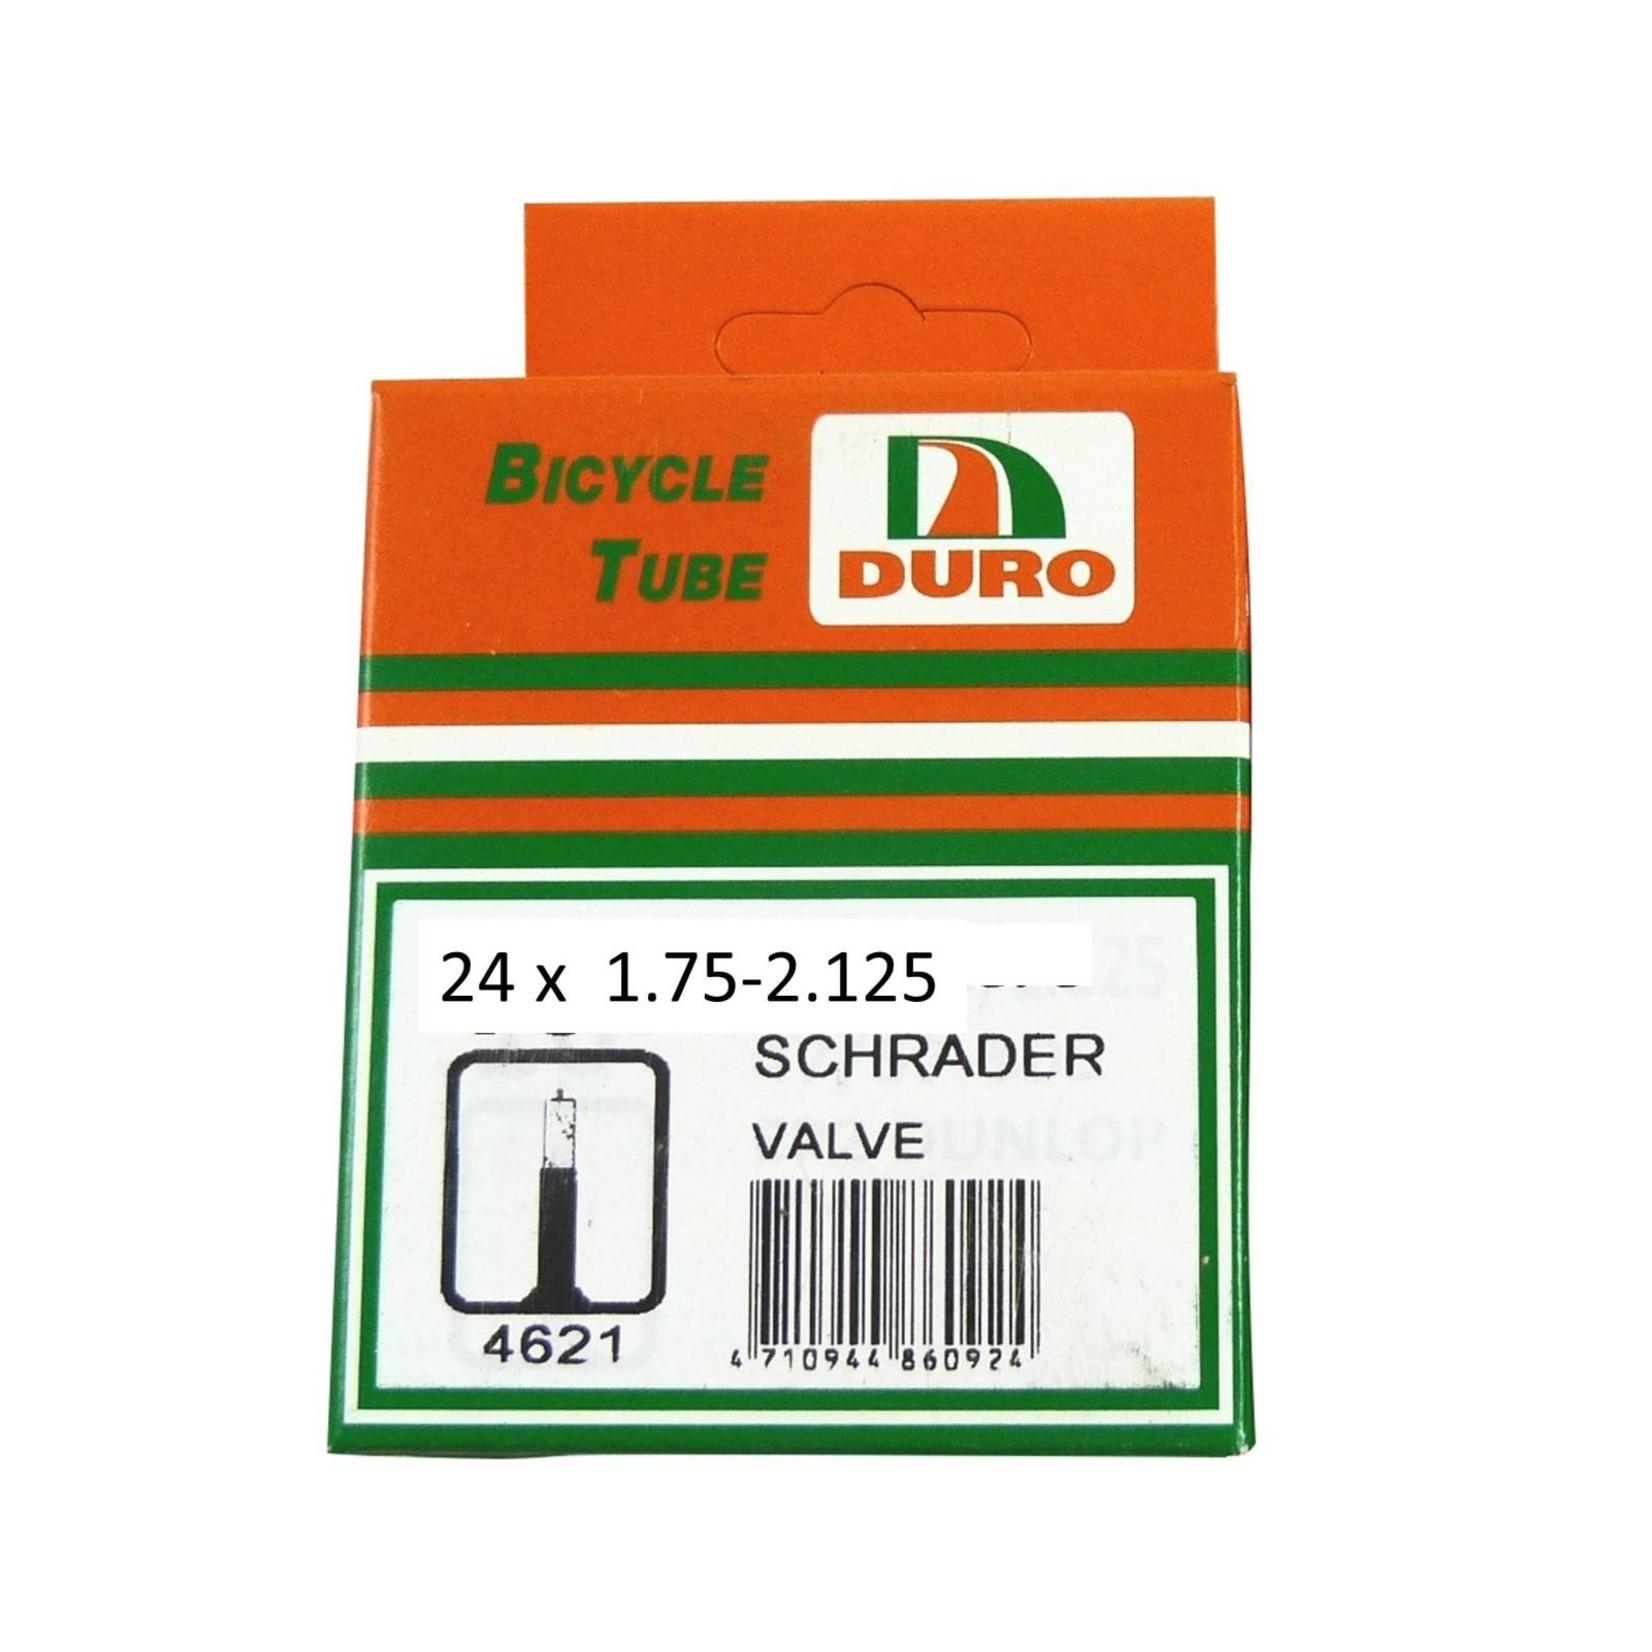 Duro 24 x 1.75-2.125 Schrader Tube